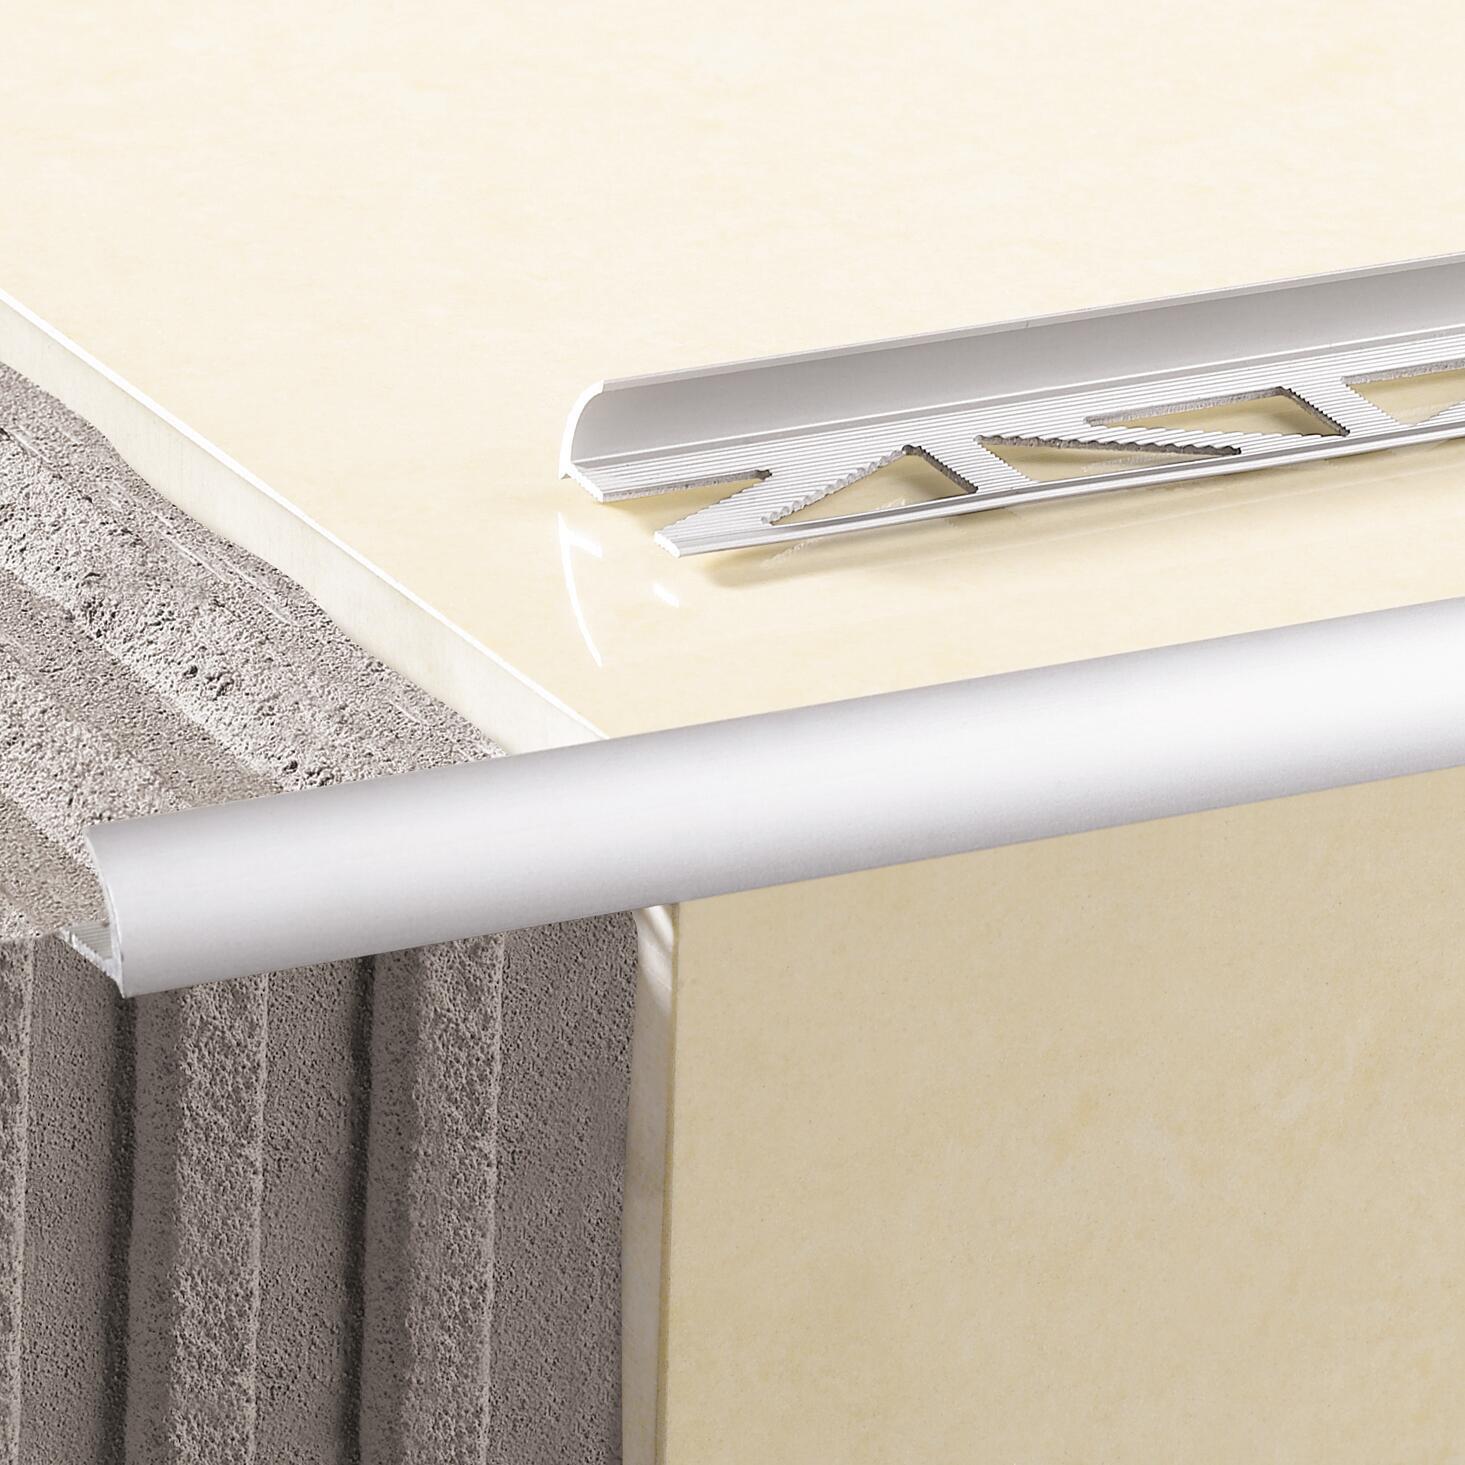 Profilo angolare interno alluminio anodizzato 0.8 x 250 cm - 3